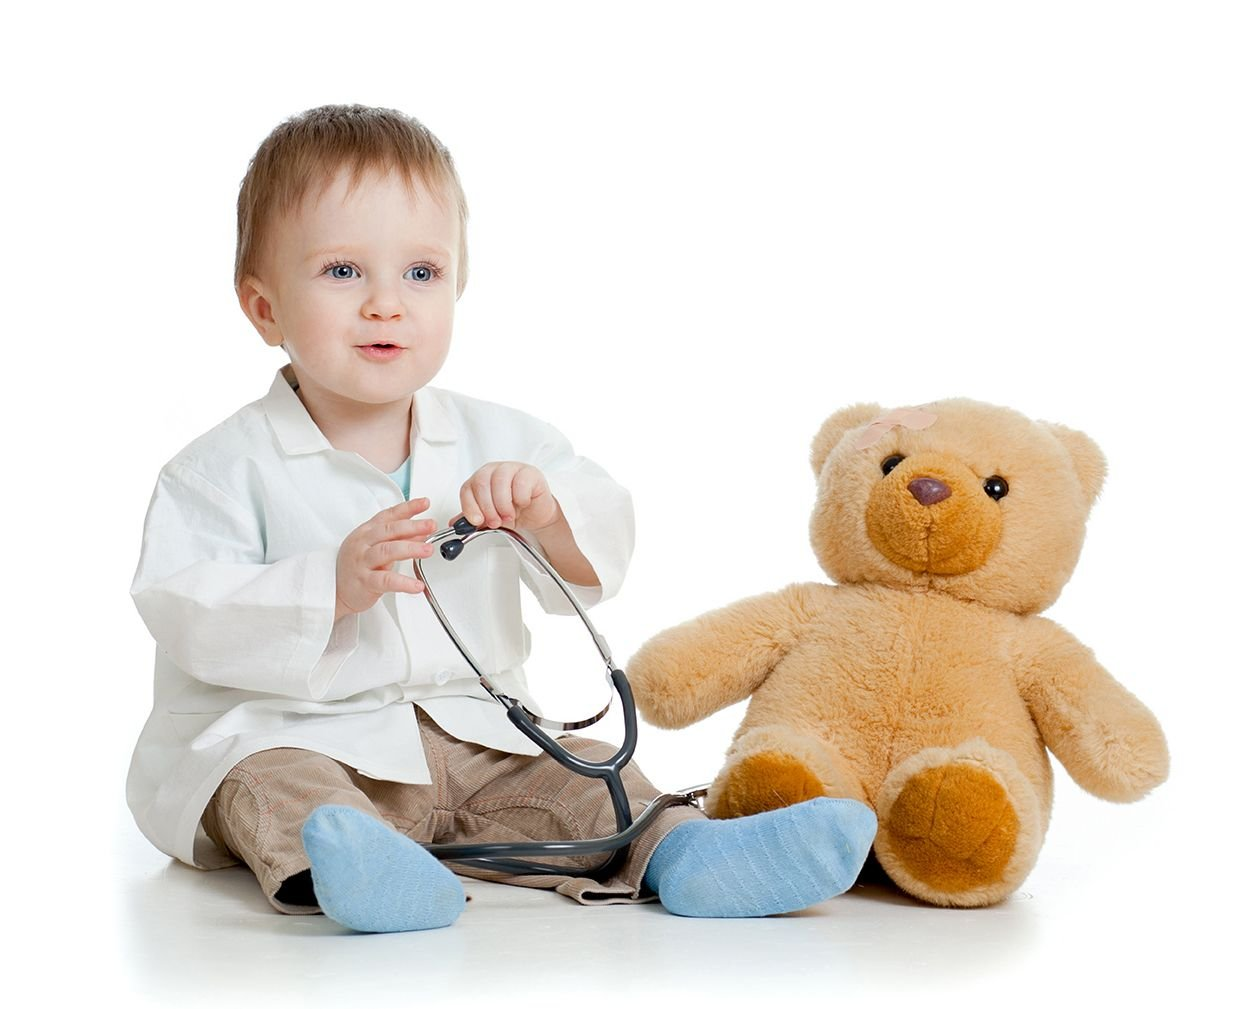 Сироп Пертуссин для детей: как избавиться от кашля быстро и безопасно